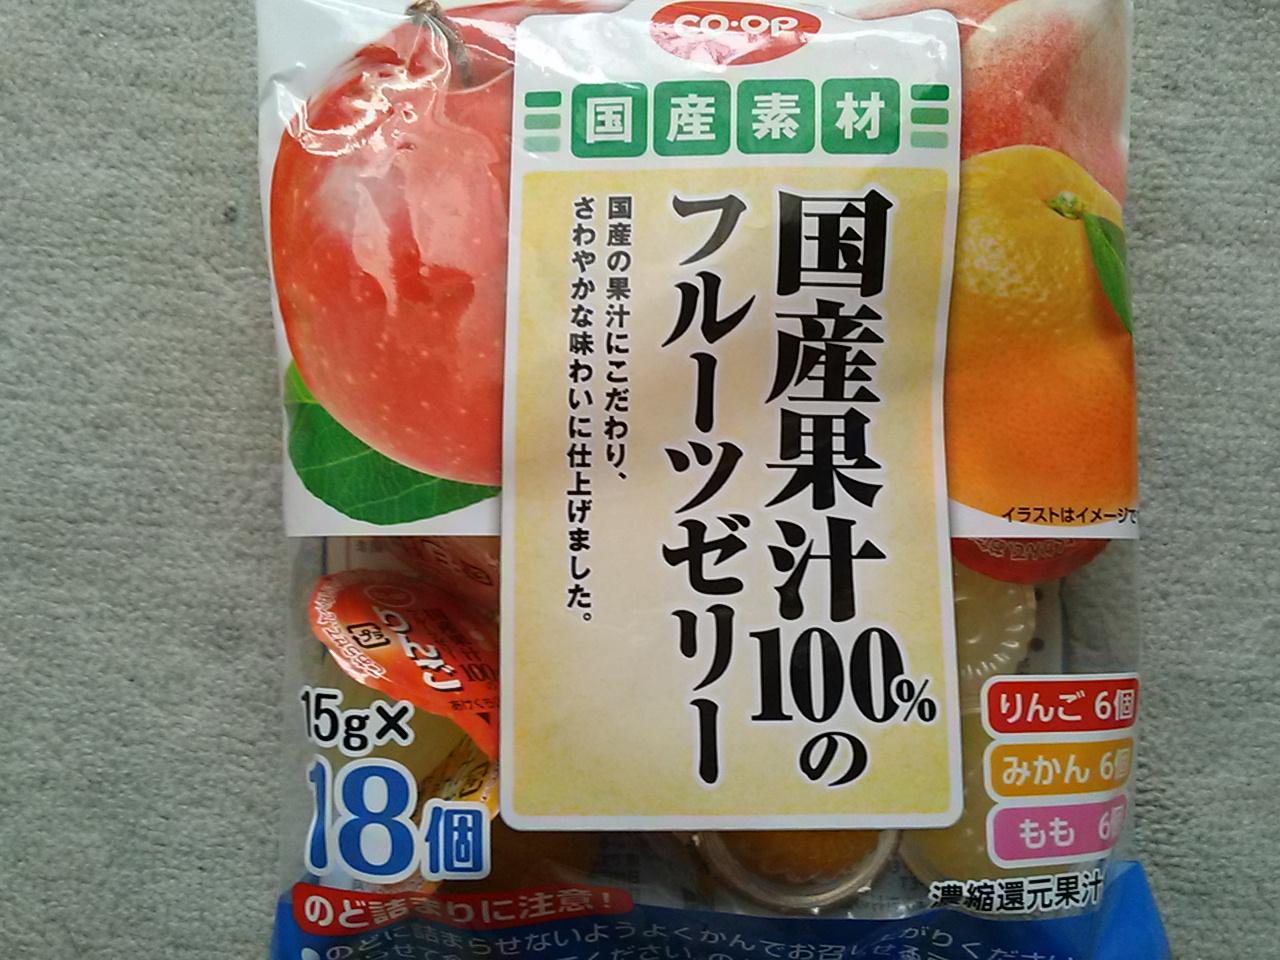 国産果汁100%のフルーツゼリー